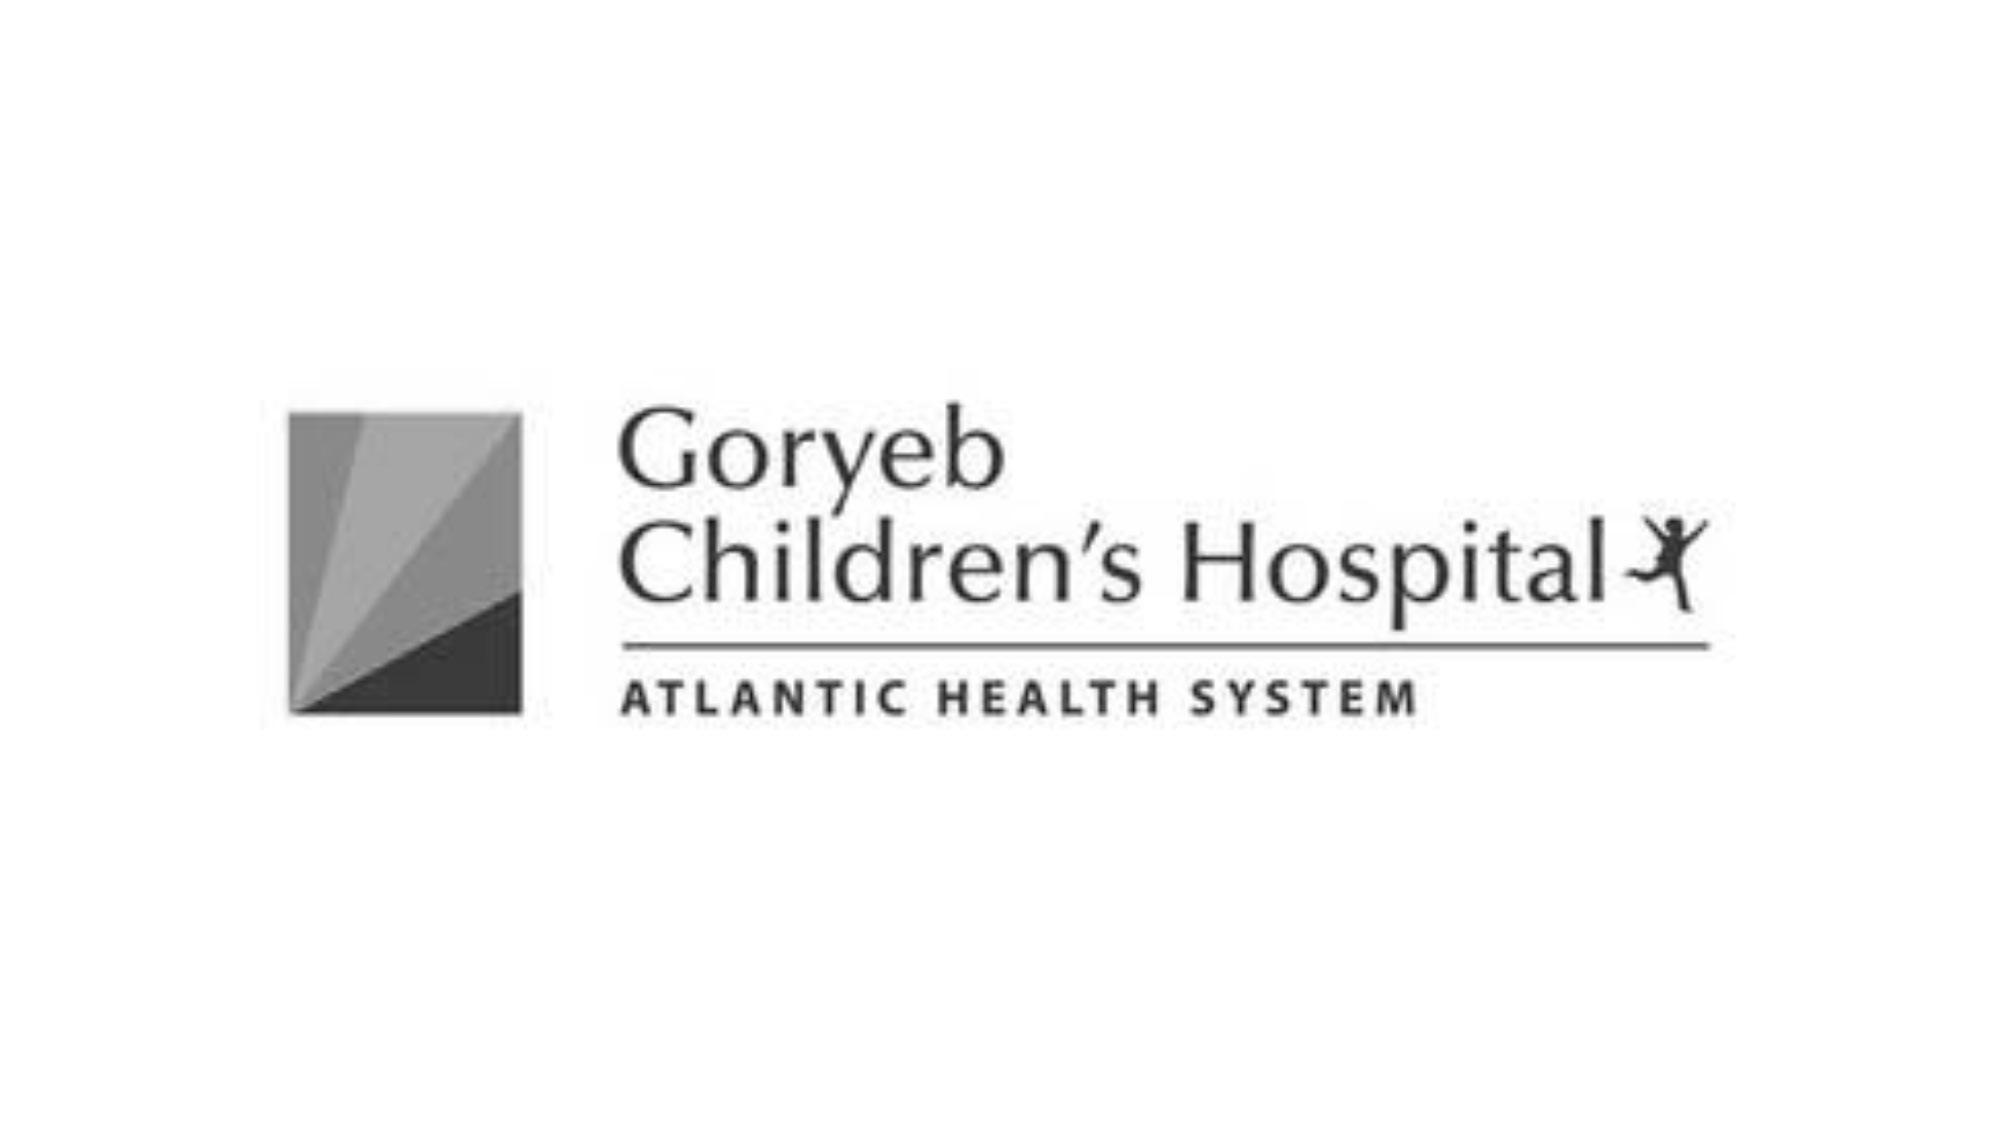 Goryeb Children's Hospital Logo